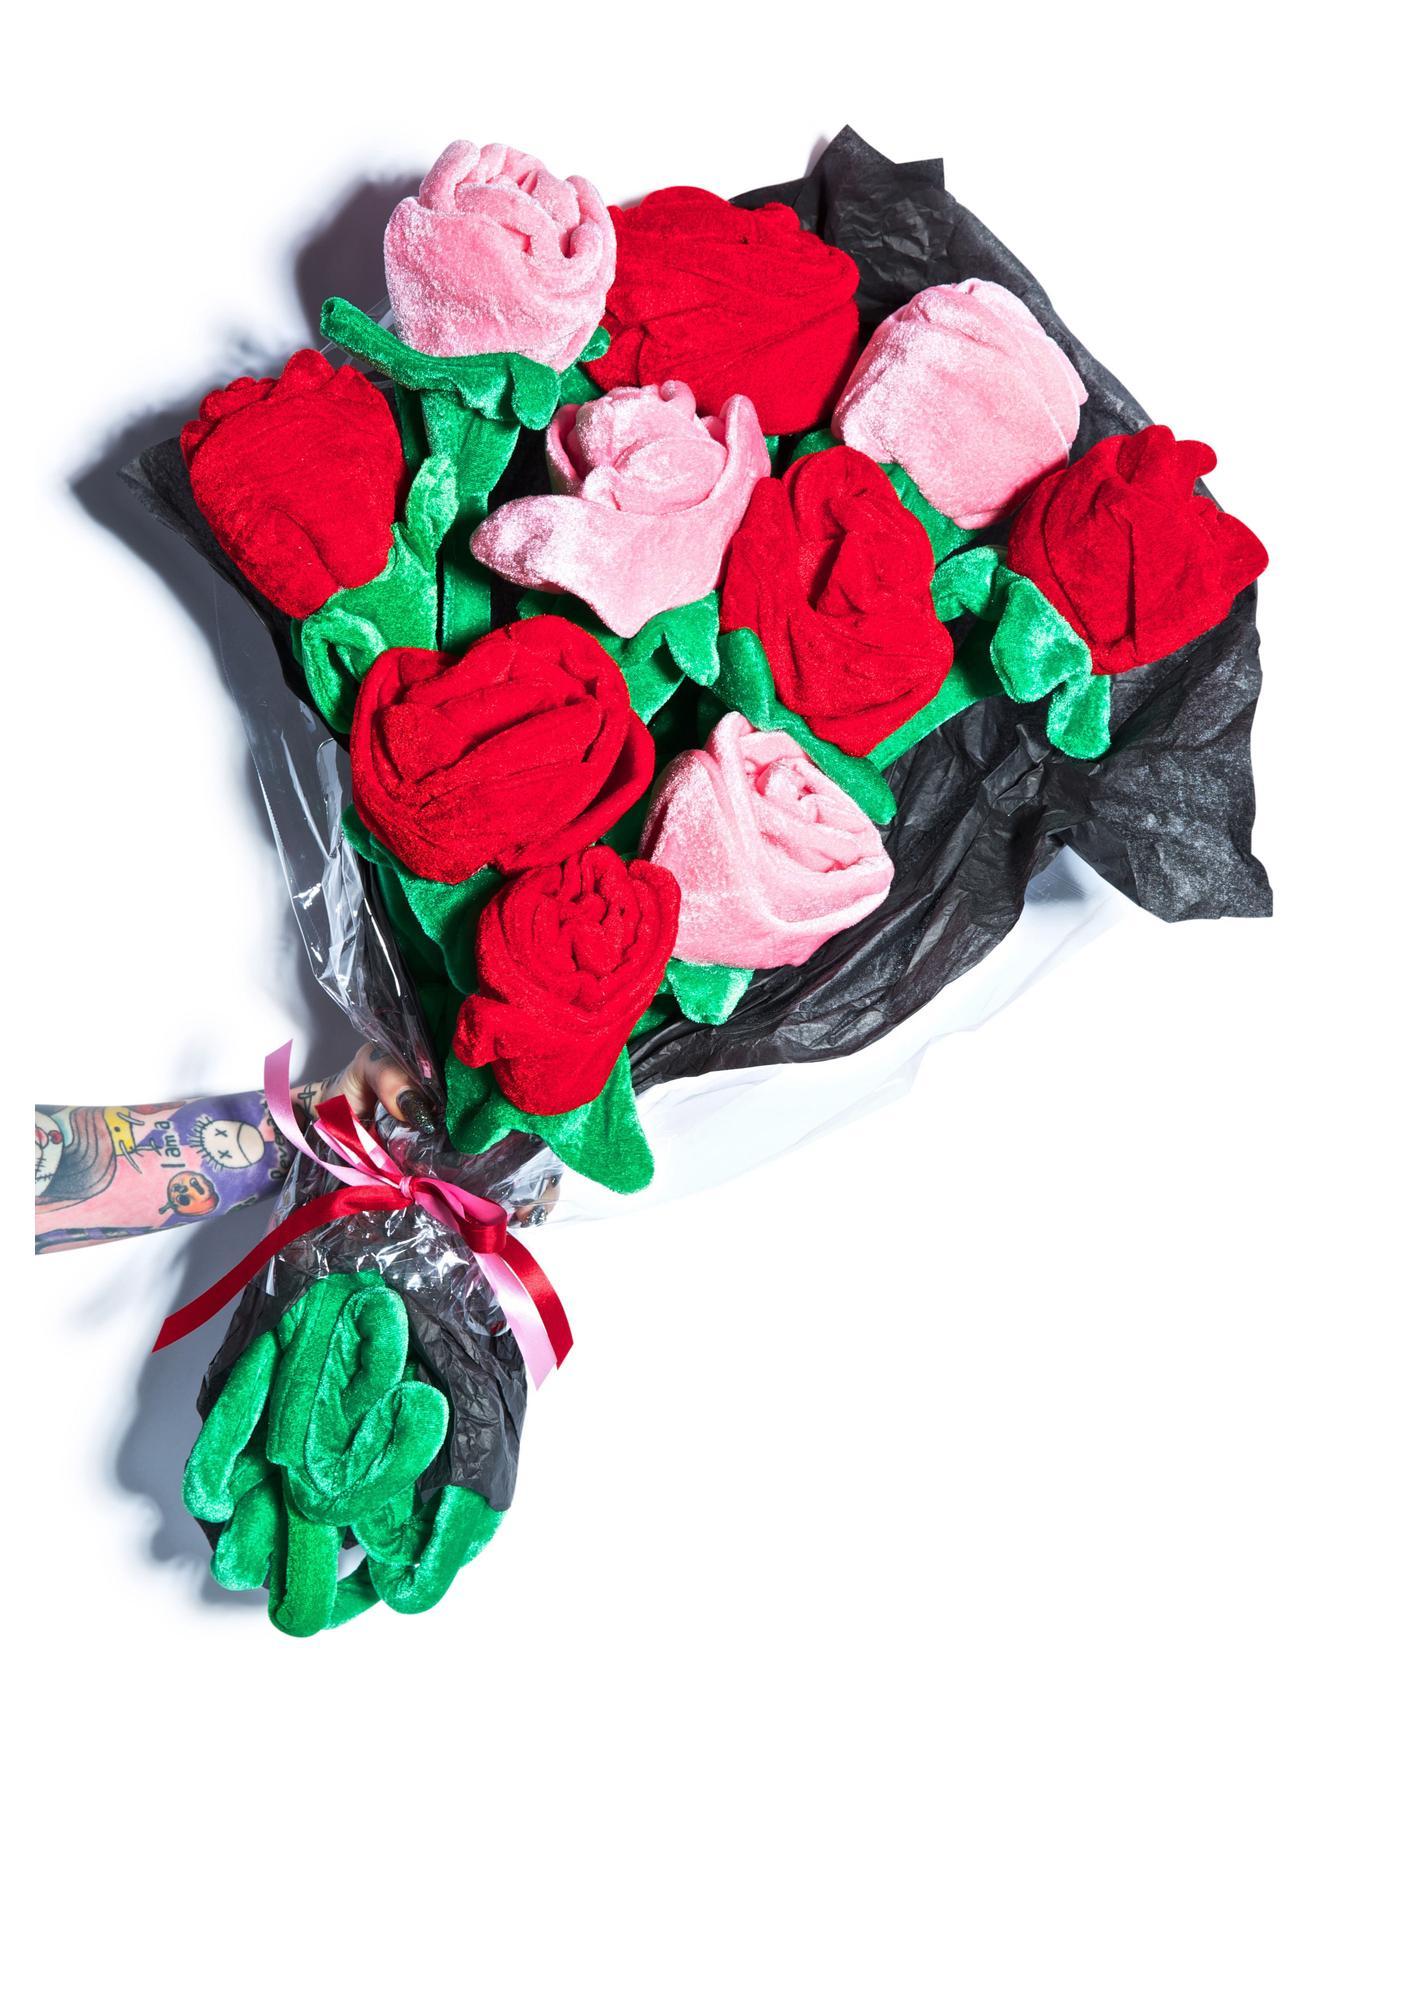 The Tuxedo Mask Rose